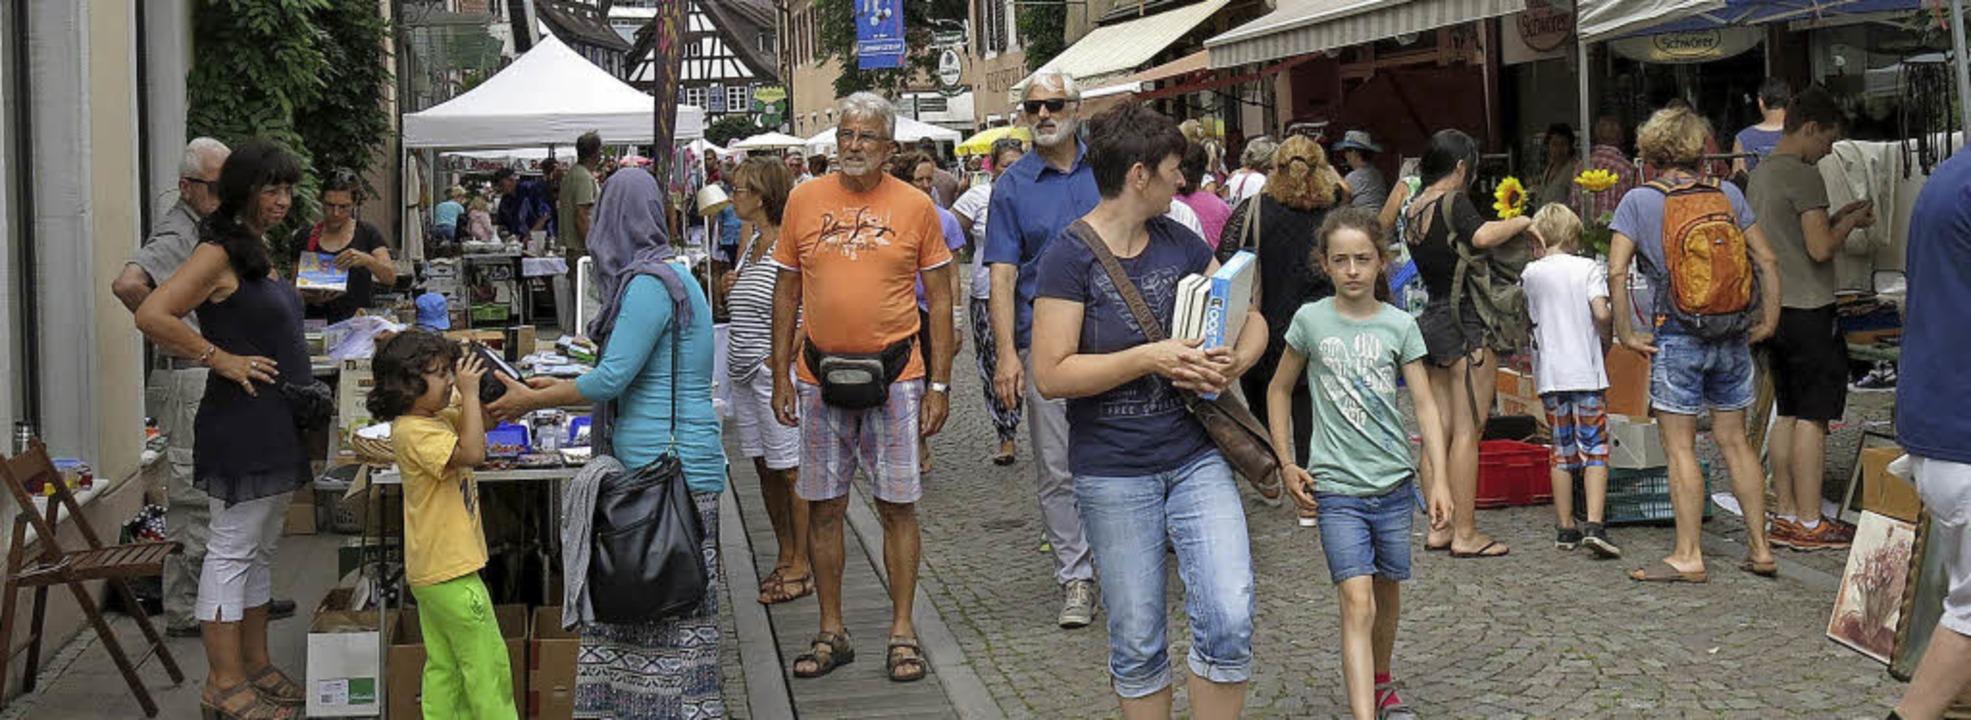 Buntes Treiben auf dem Altstadtflohmarkt    Foto: Georg Voß